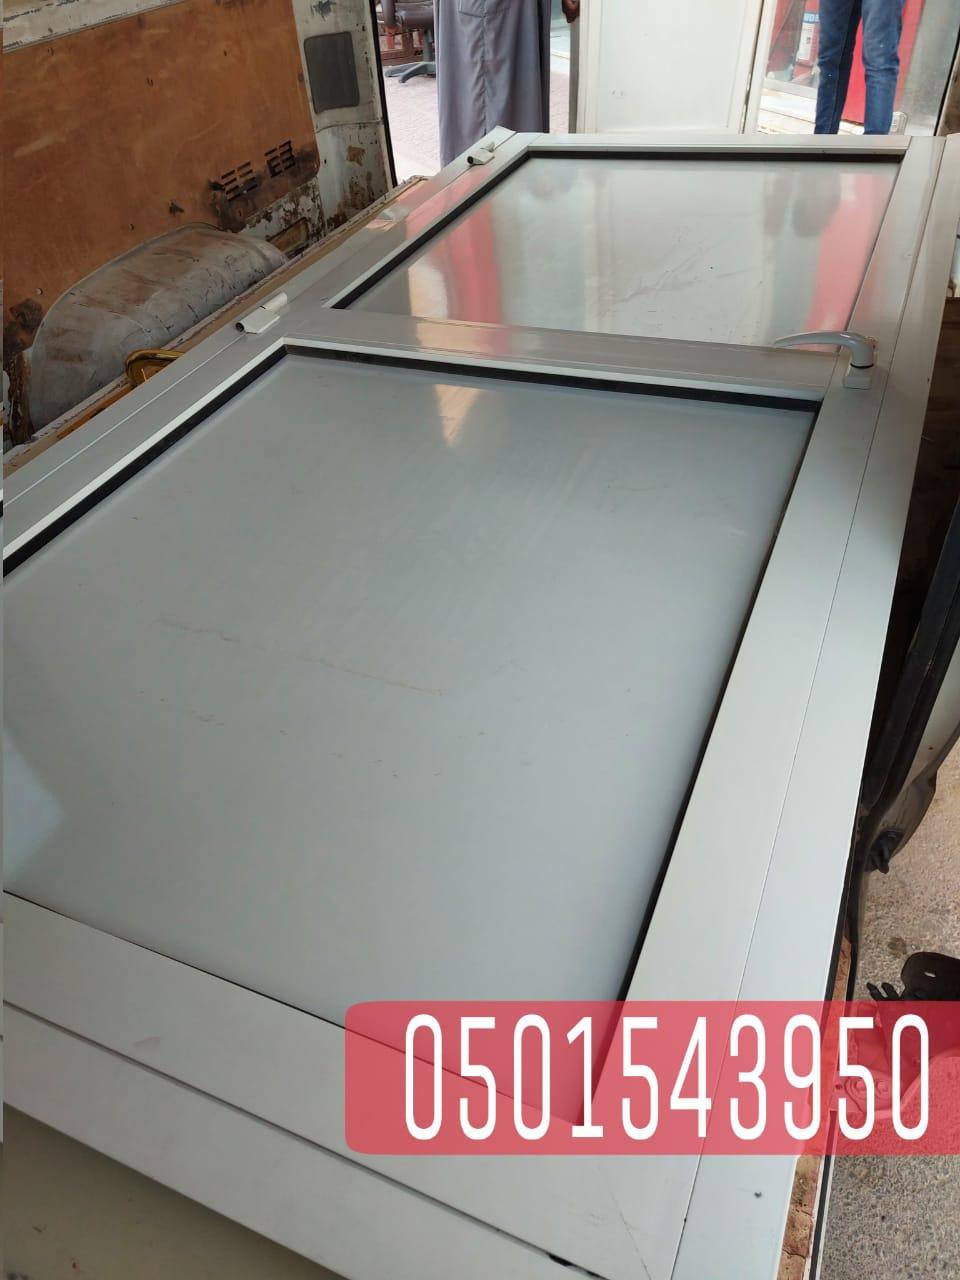 ورشة تركيب نوافذ شتر المنيوم , صيانة نوافذ في جدة , 0501543950 P_2077cj2ca4